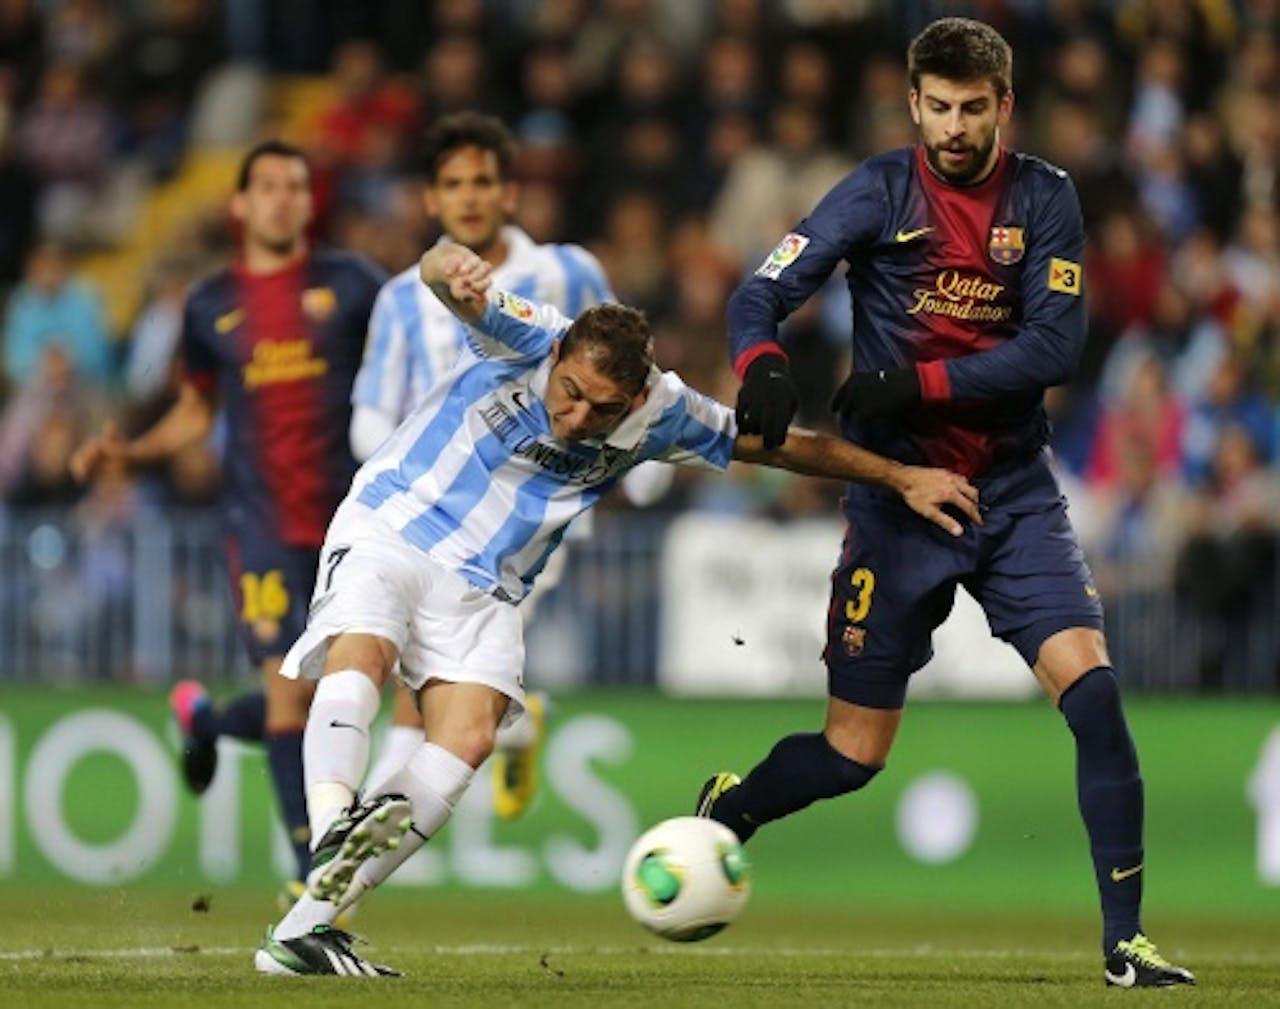 Gerard Pique (R) van Barcelona in duel met Joaquin Sanchez (L) van Malaga. EPA